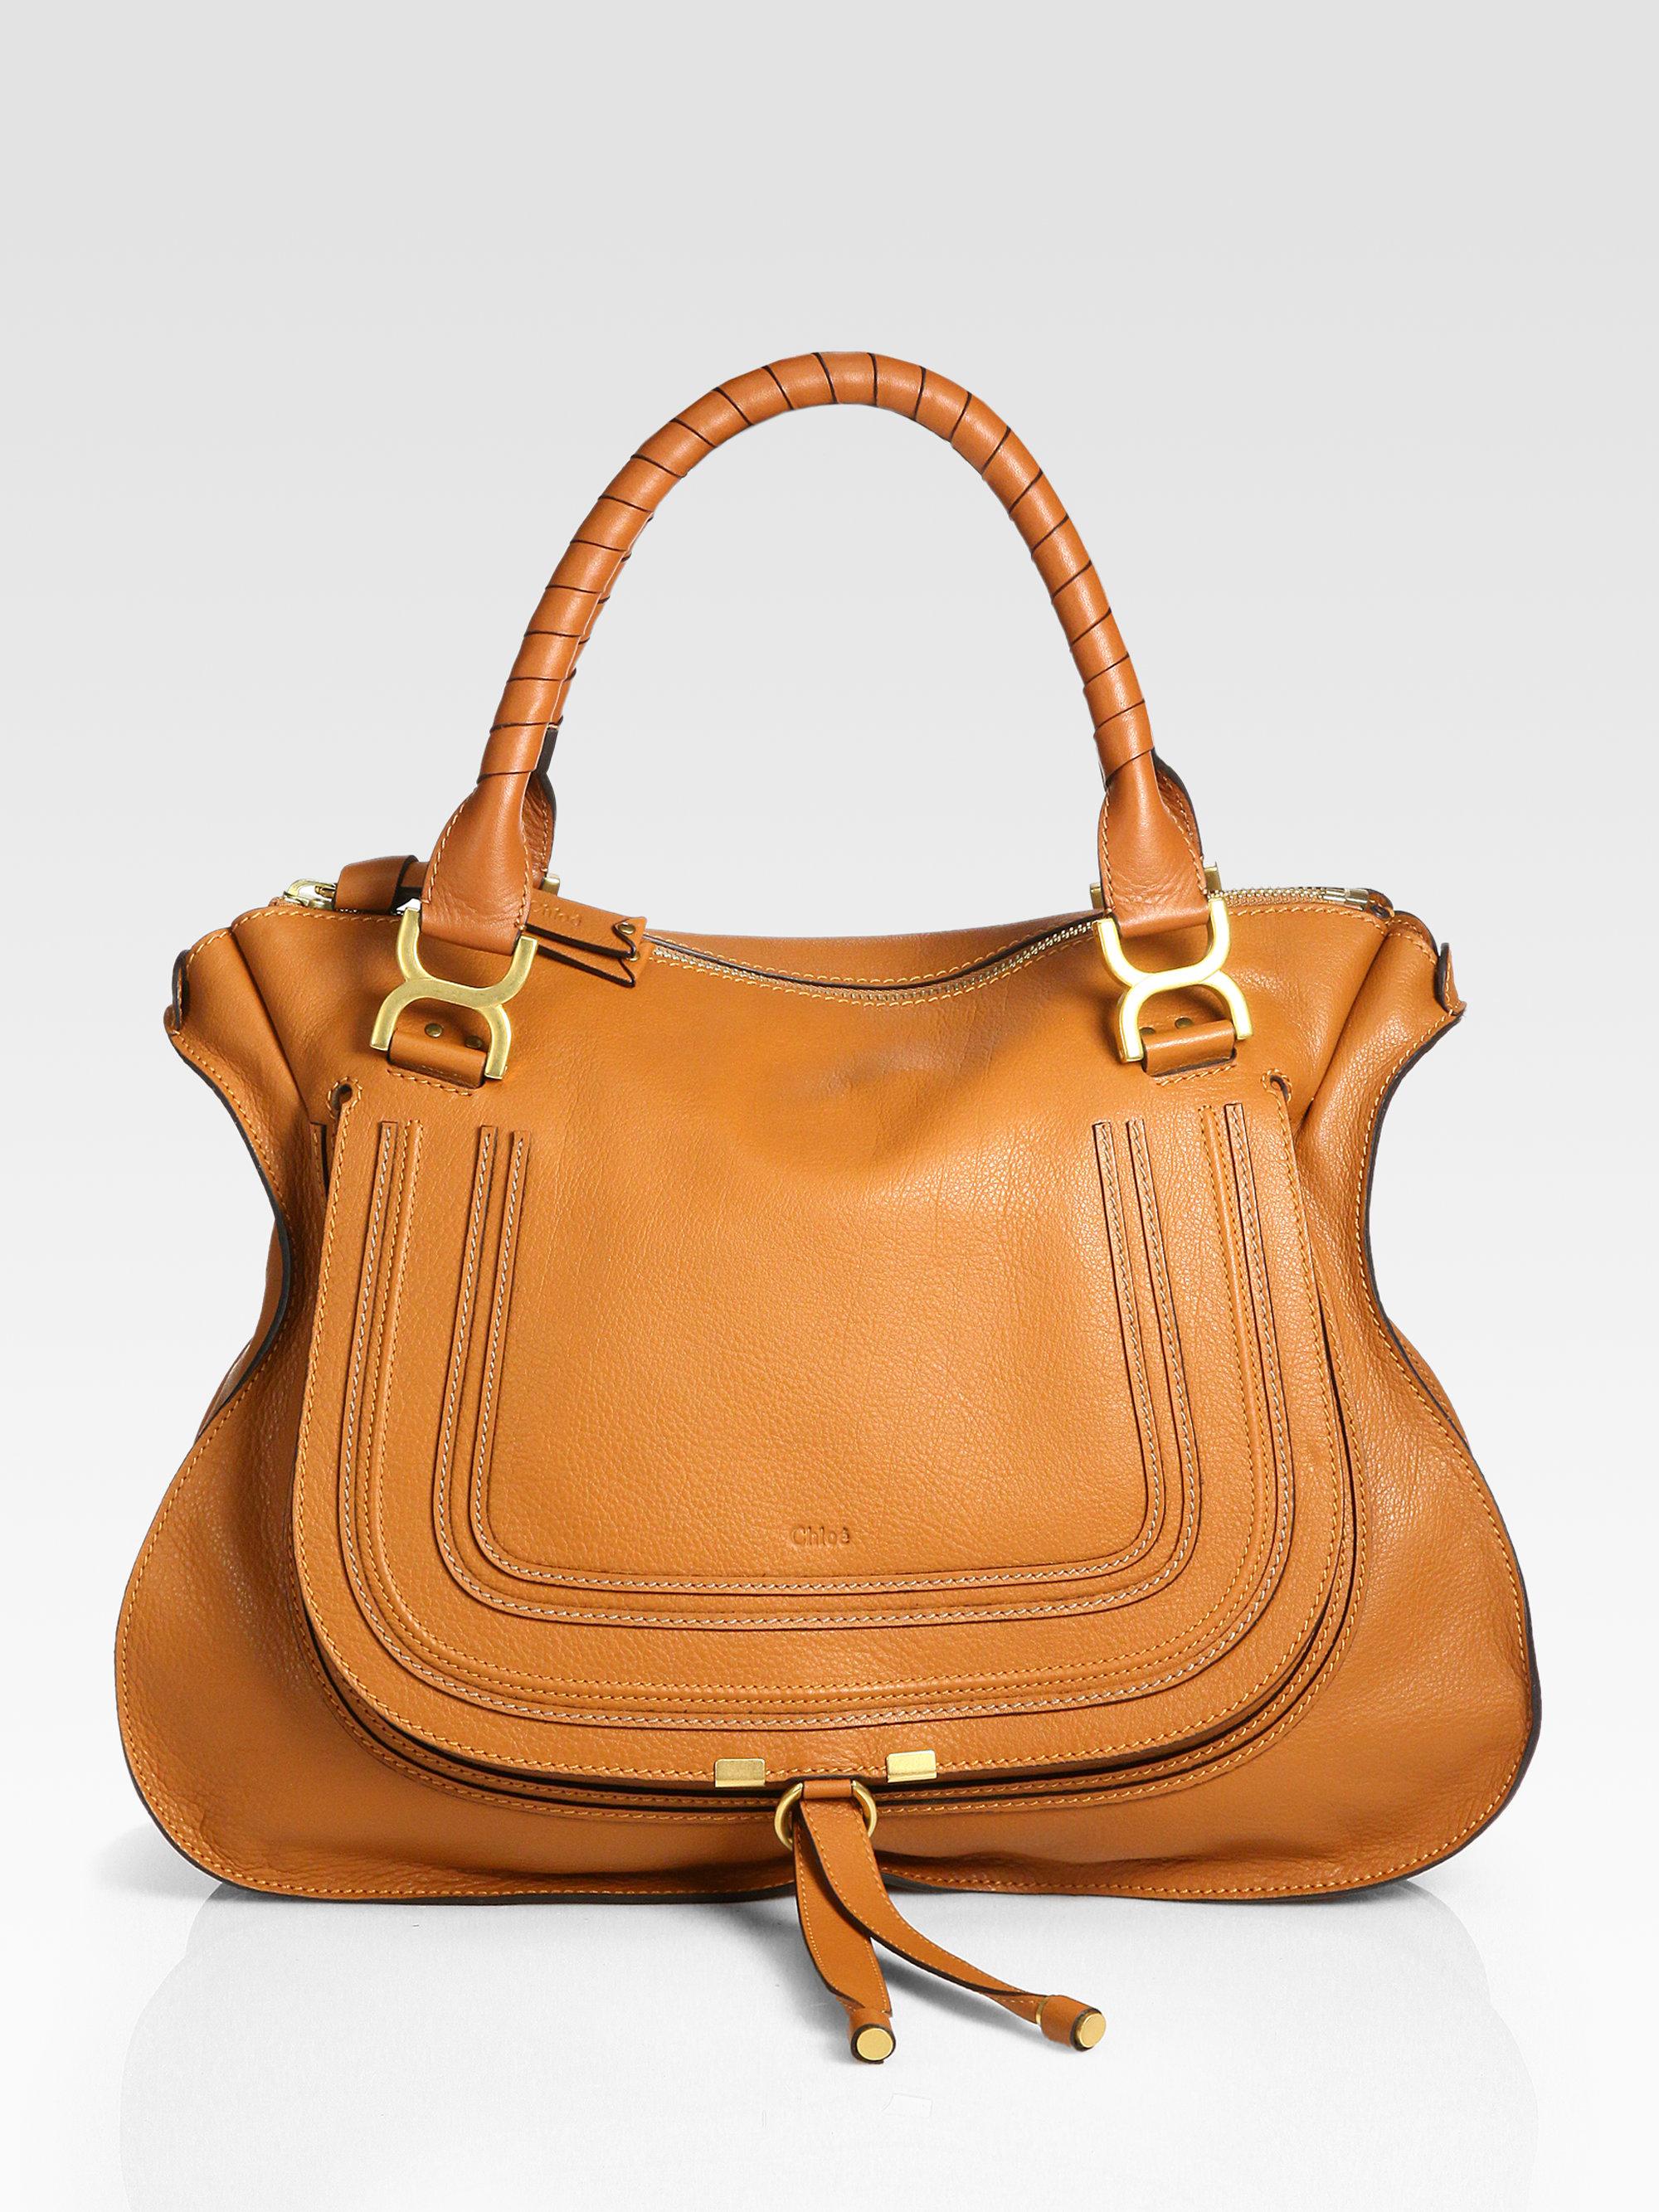 chlo marcie large shoulder bag in brown tan lyst. Black Bedroom Furniture Sets. Home Design Ideas